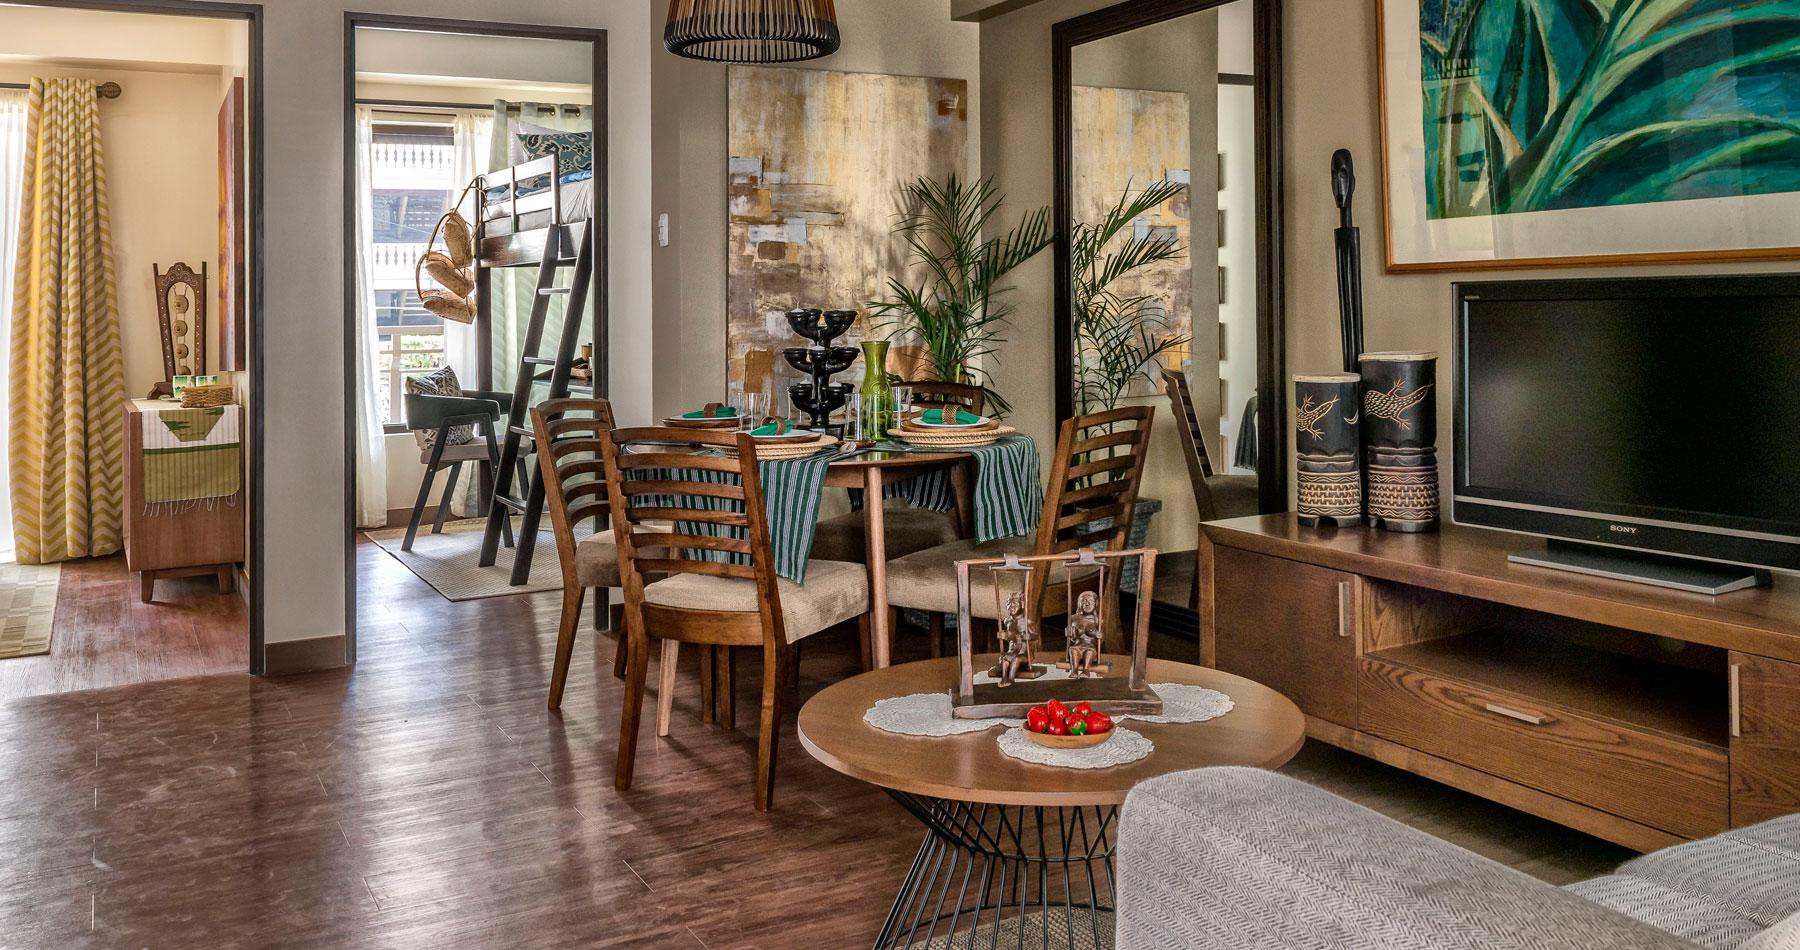 Best Kitchen Gallery: Properties For Rent In Baguio of Baguio Home Design on rachelxblog.com